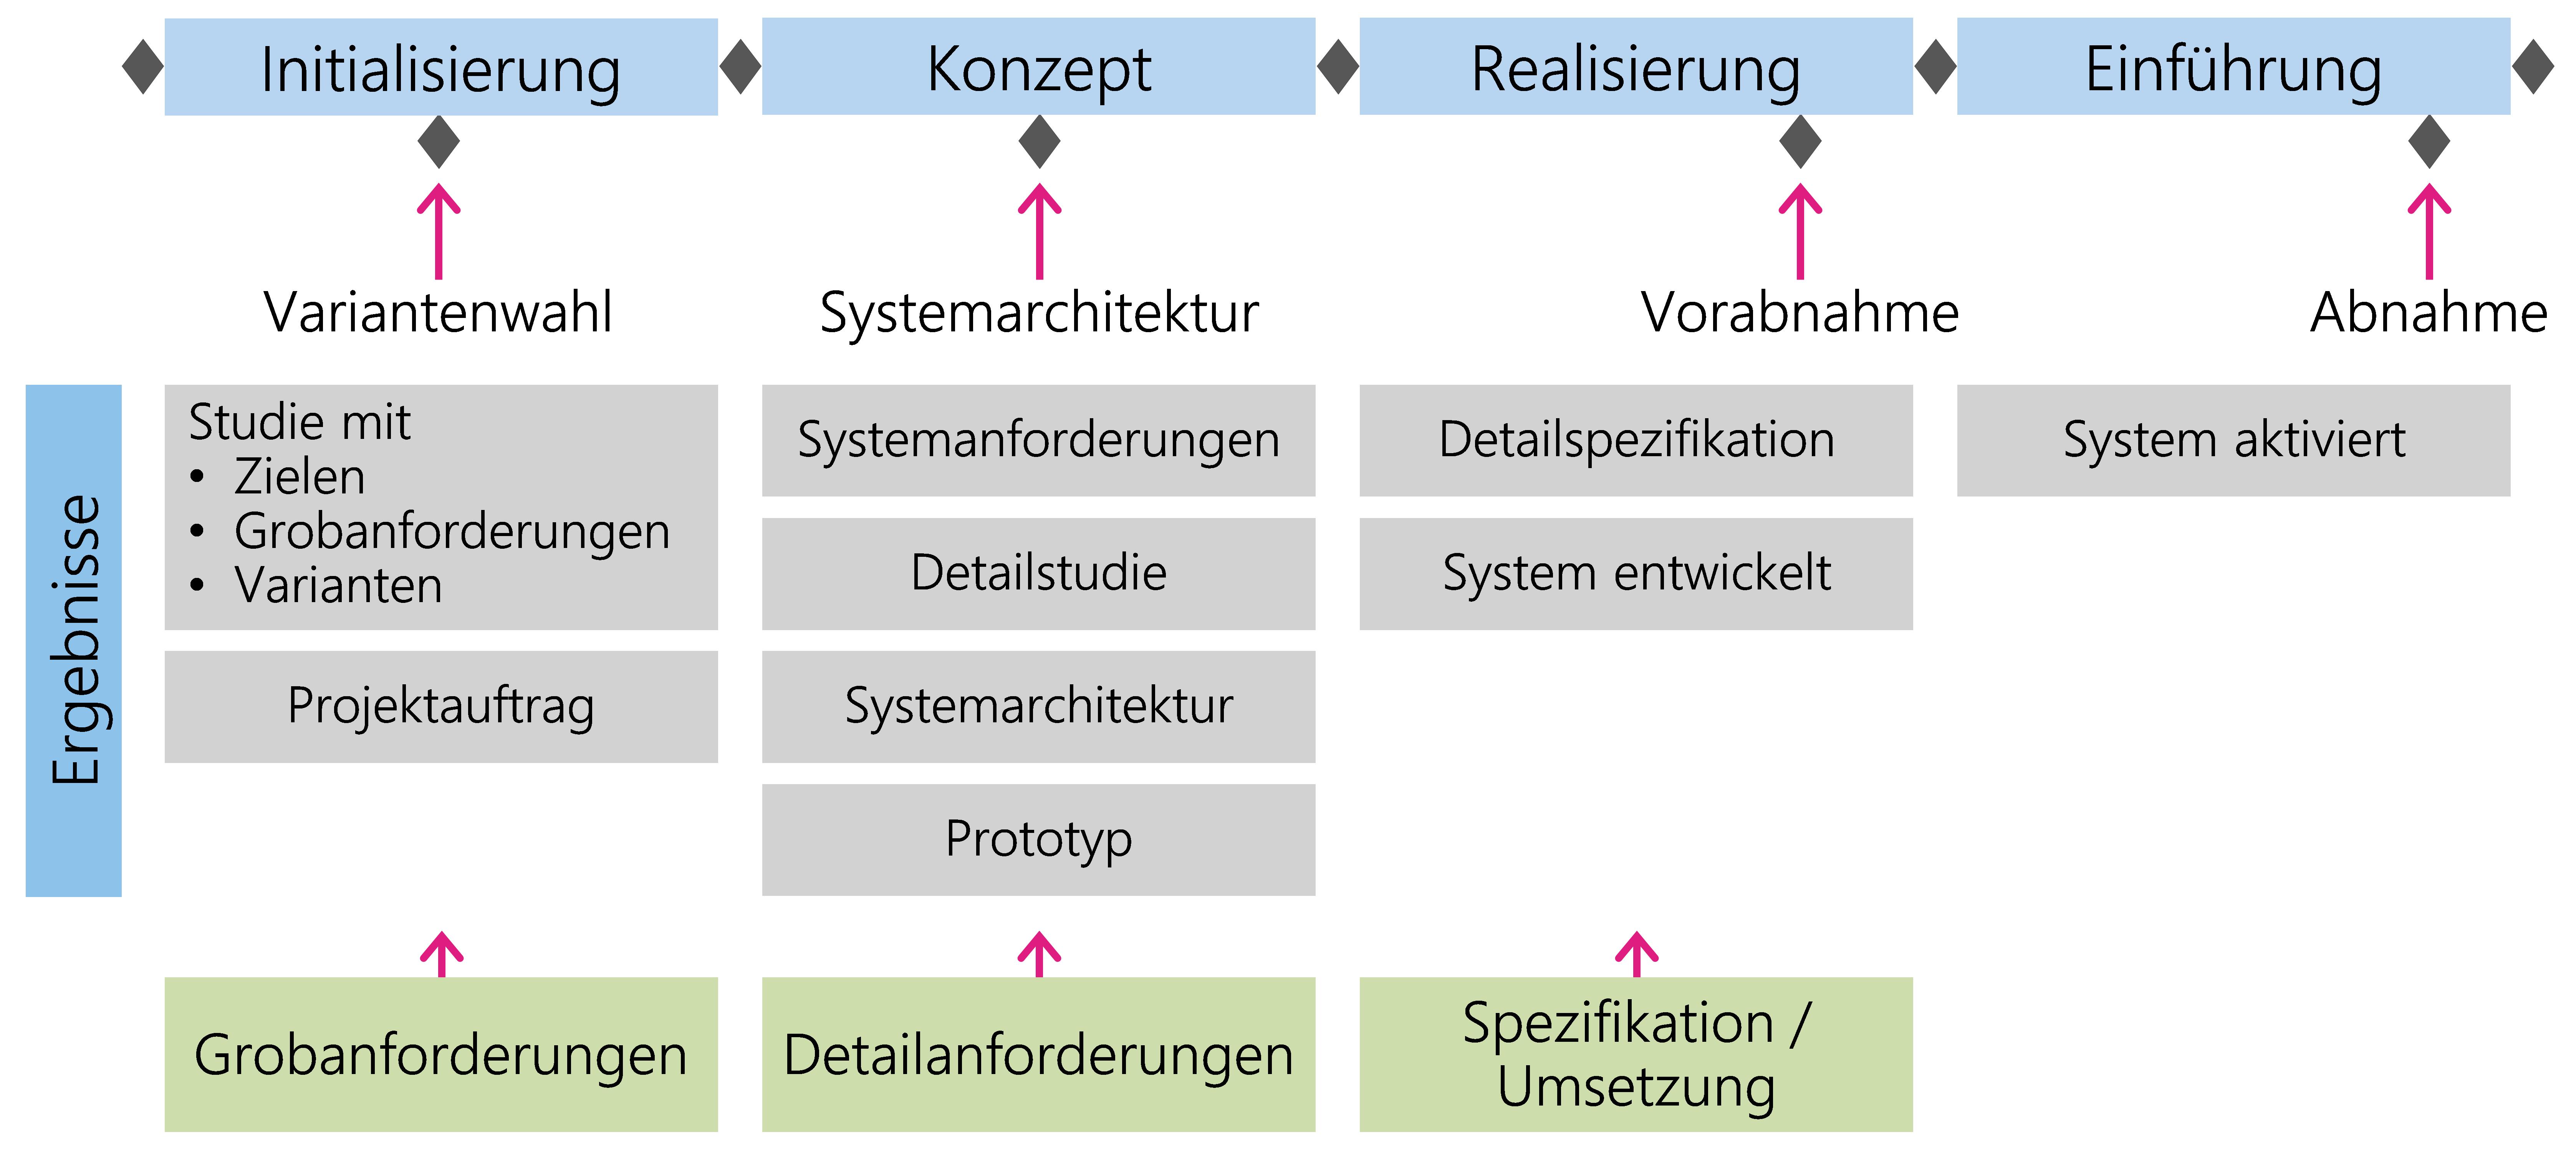 Abbildung 17: Ergebnisse eines IT-Systems im Projektablauf